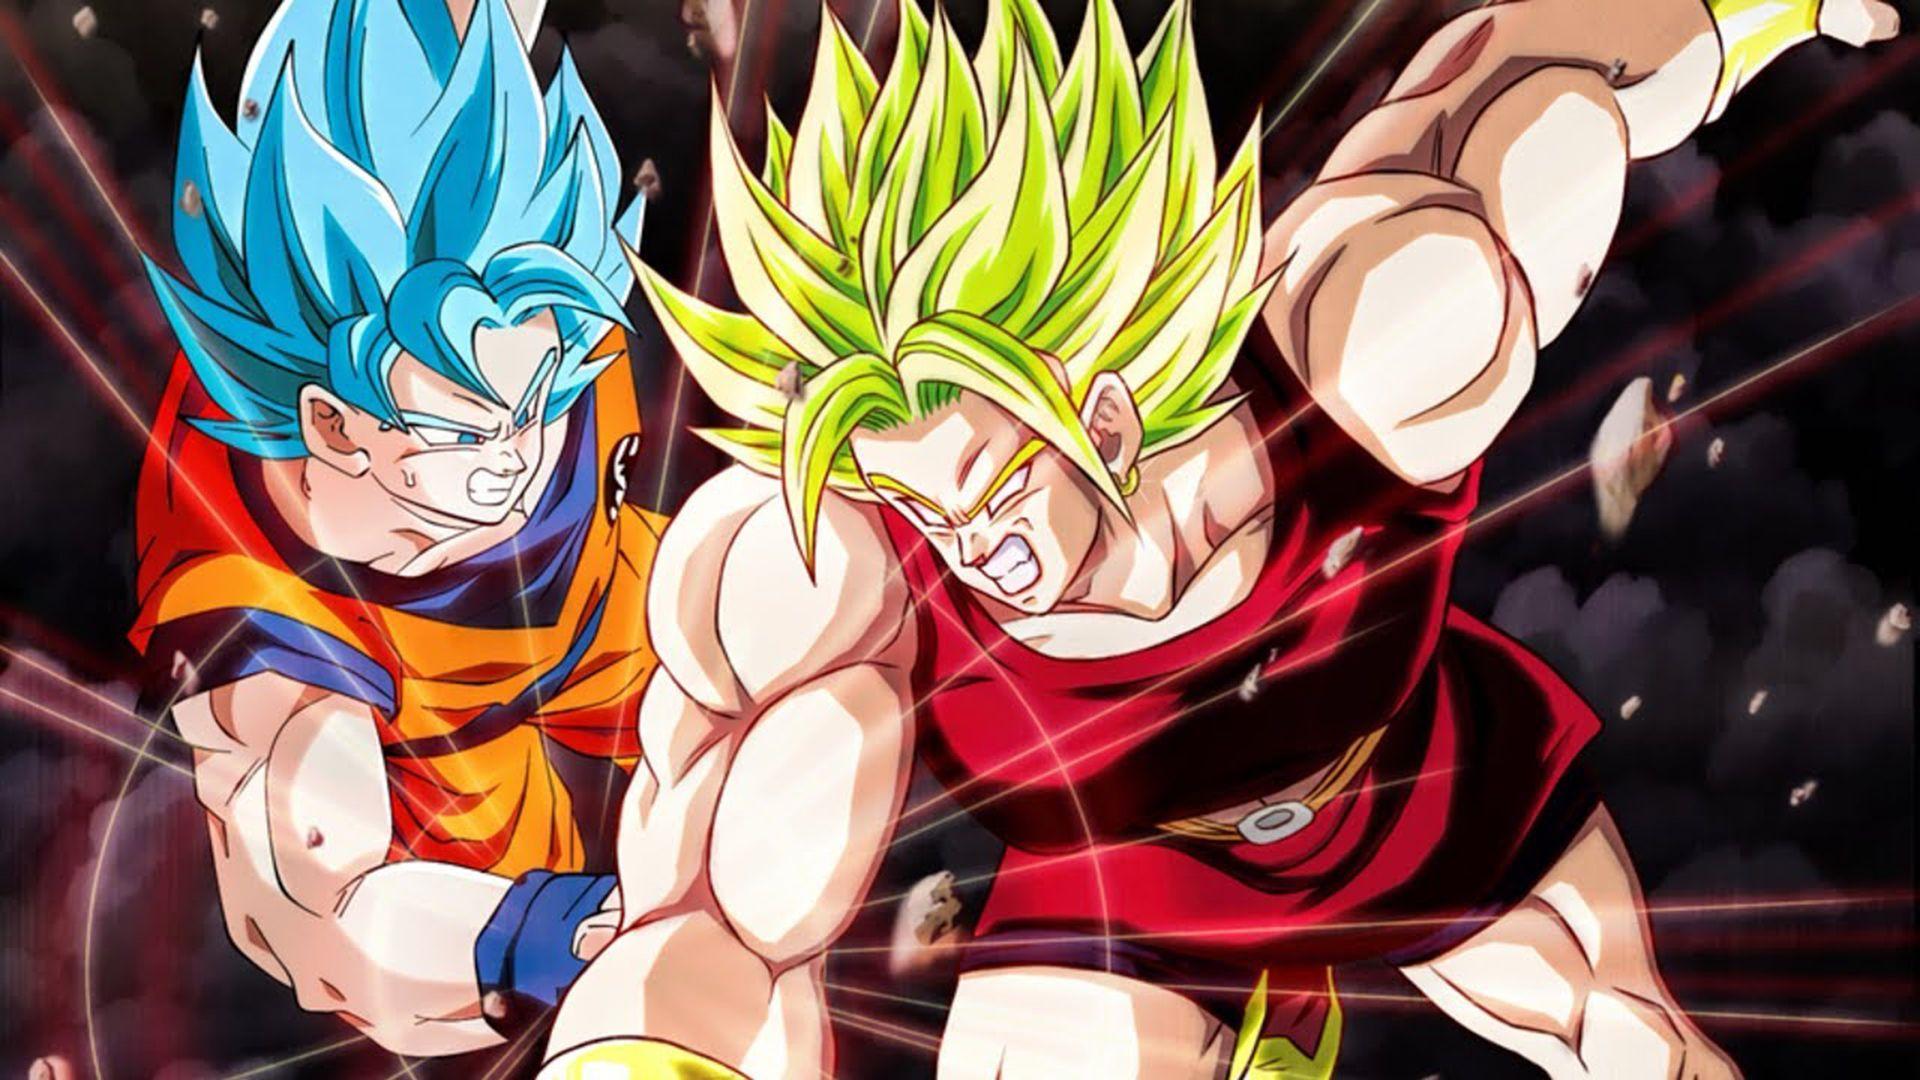 Es Kale La Version Femenina De Broly Dragon Ball Super